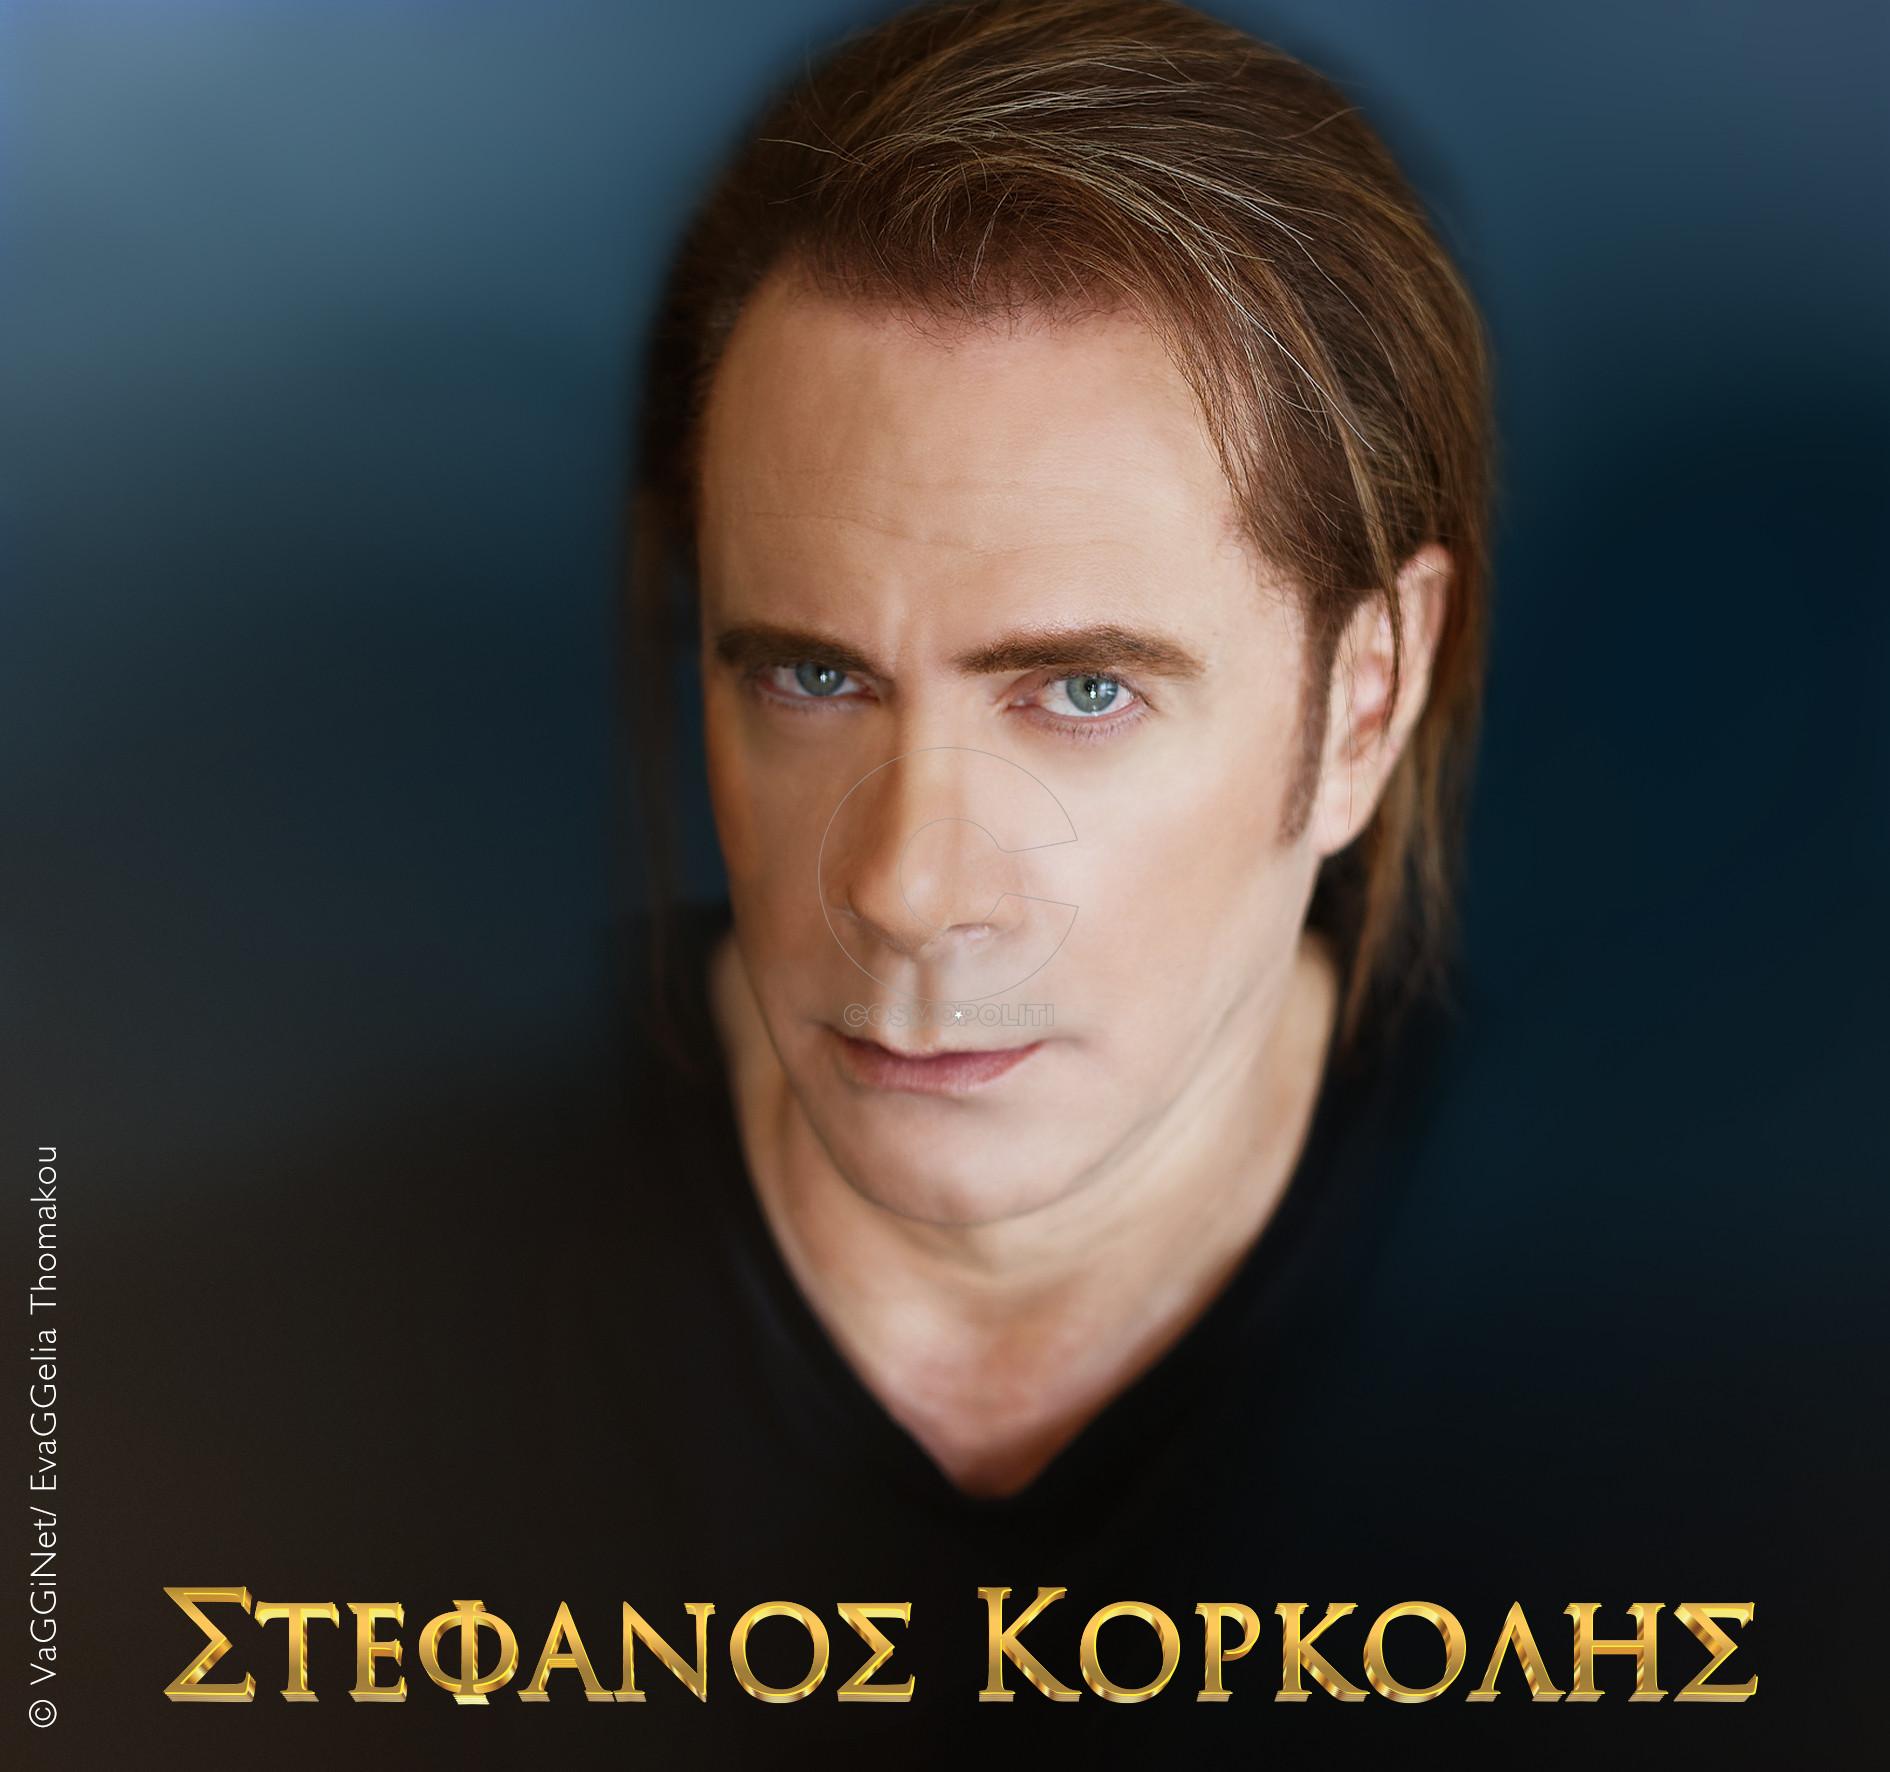 Stefanos Korkolis 32x30 2